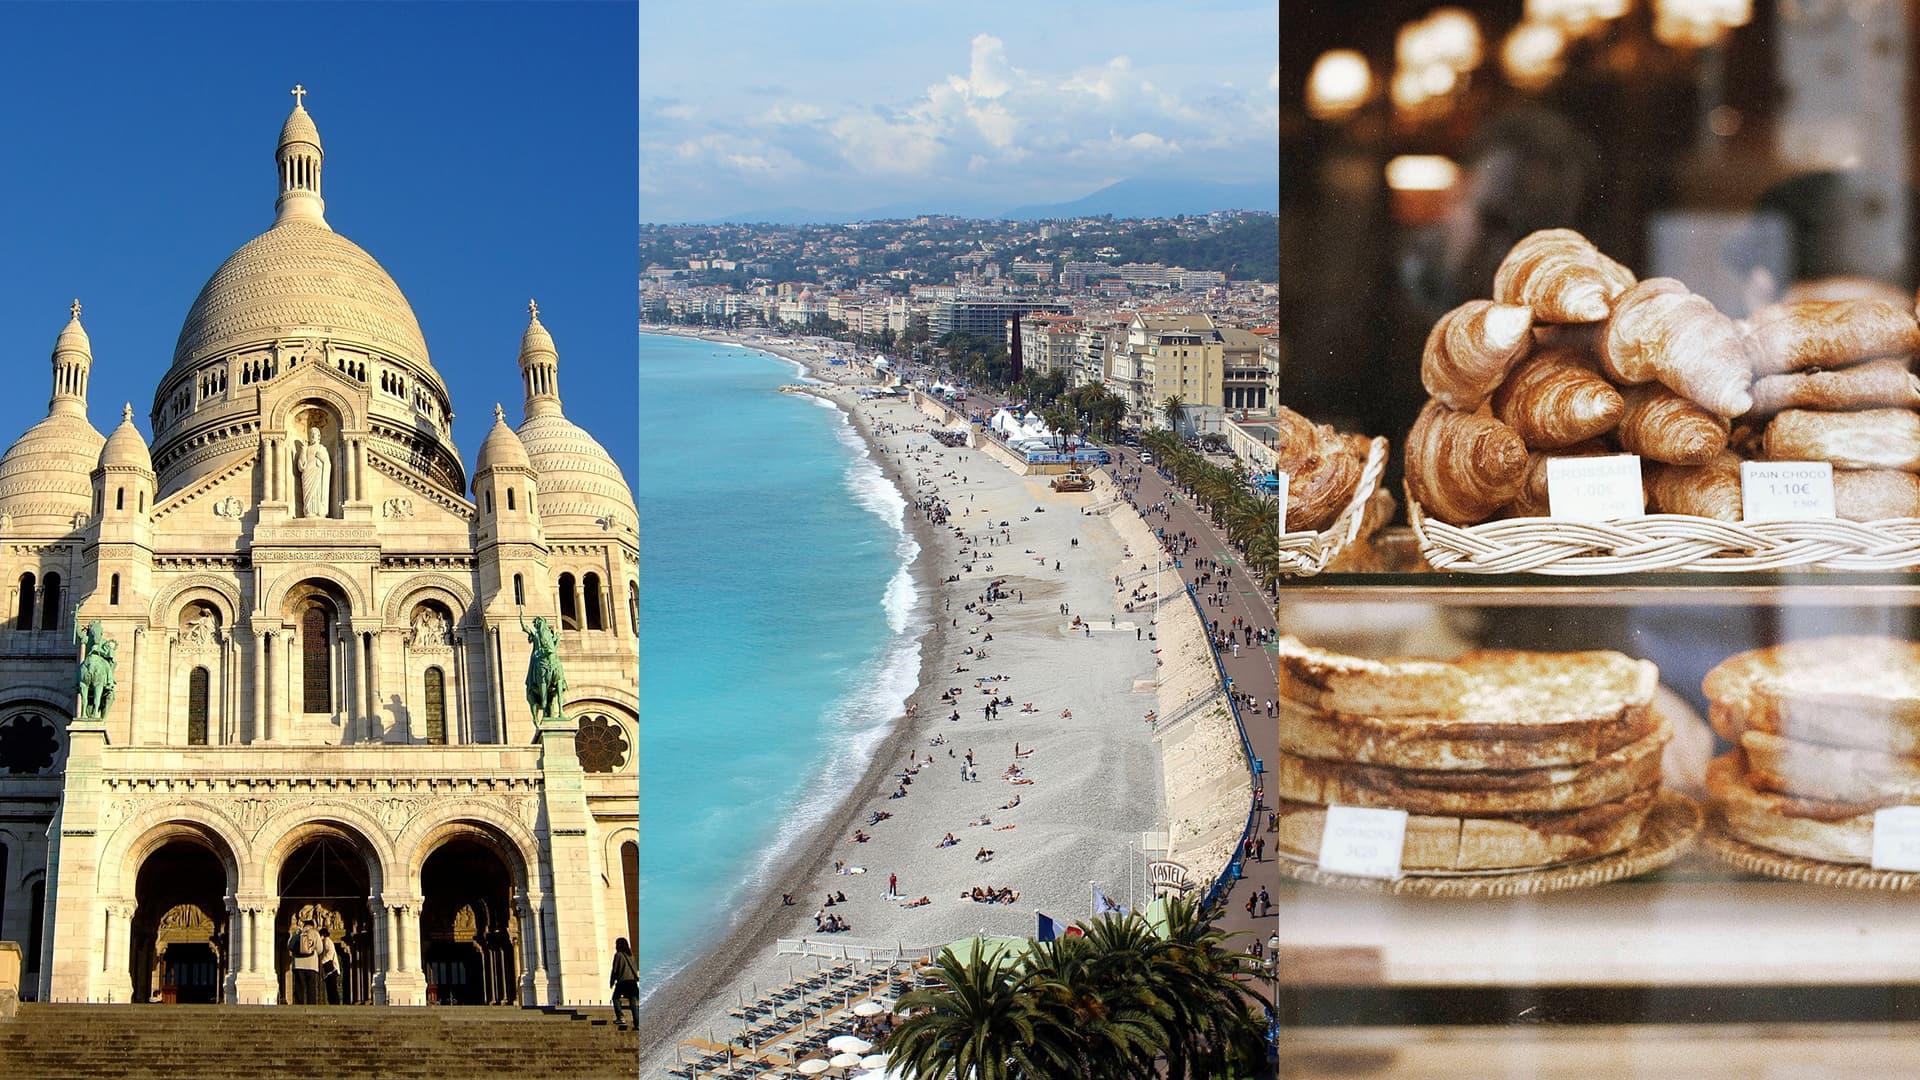 Impressionen Frankreich: Sacré Coeur, Strand, Croissants